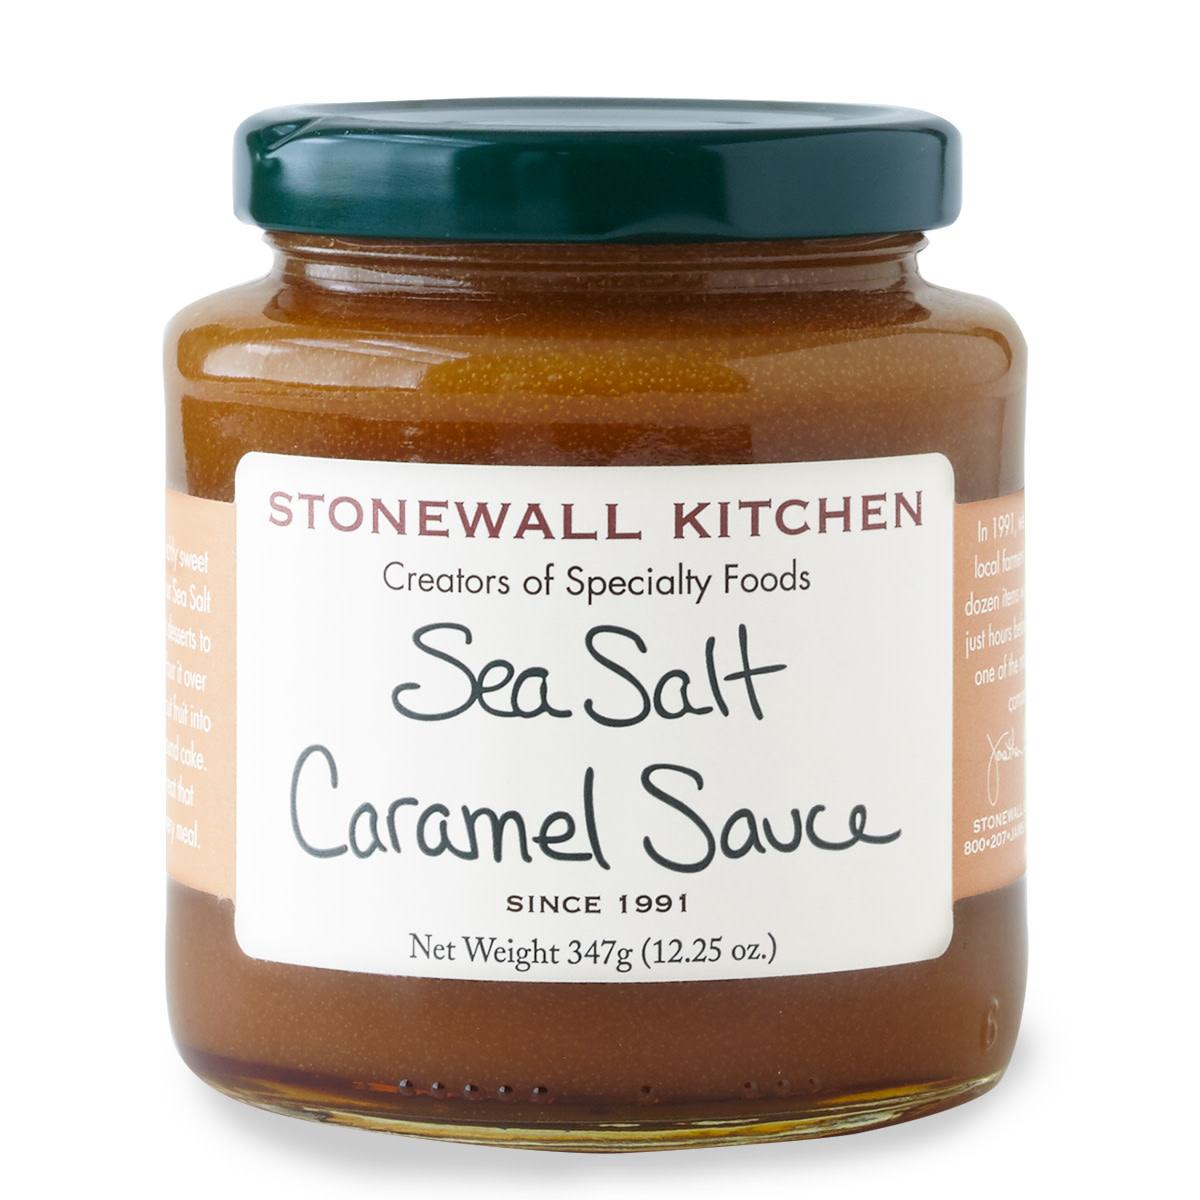 Stonewall Kitchen, Sea Salt Caramel Sauce, 12.25 oz